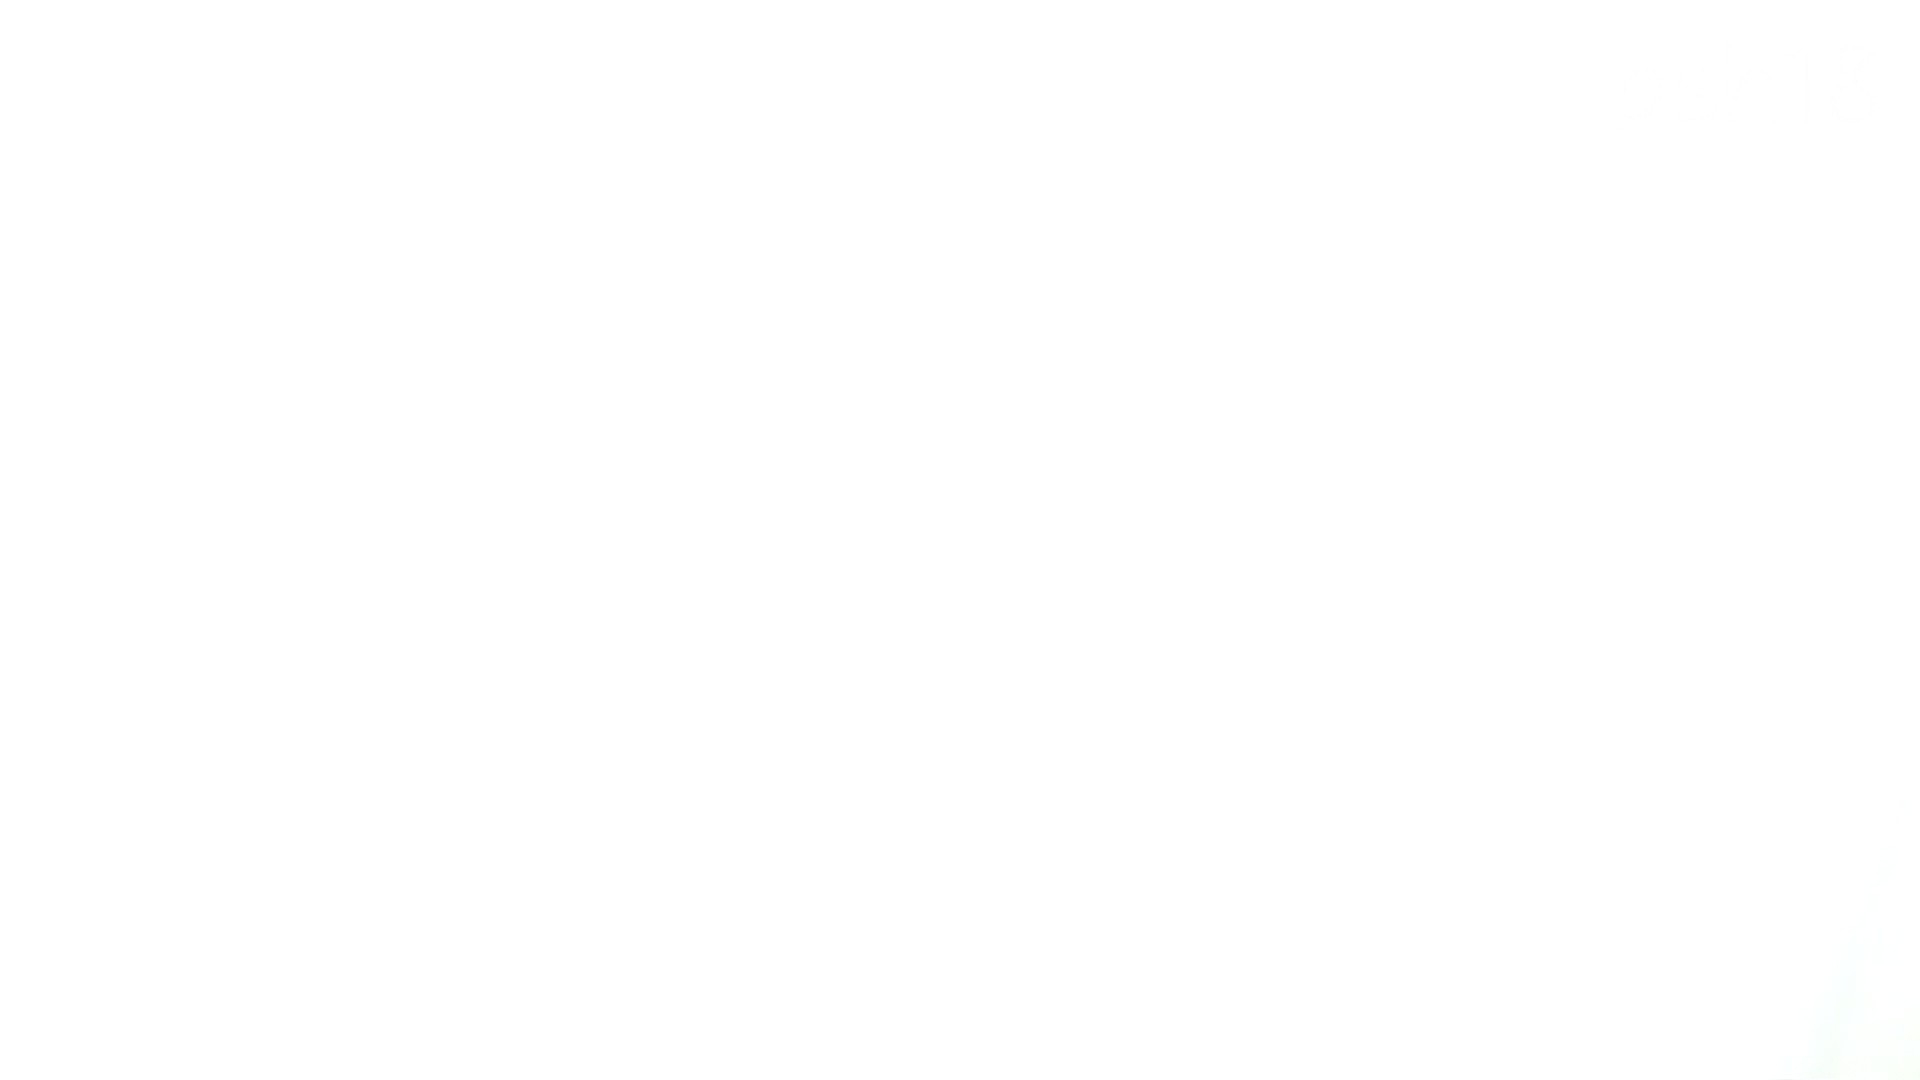 ▲復活限定▲ハイビジョン 盗神伝 Vol.18 盗撮映像  43Pix 19